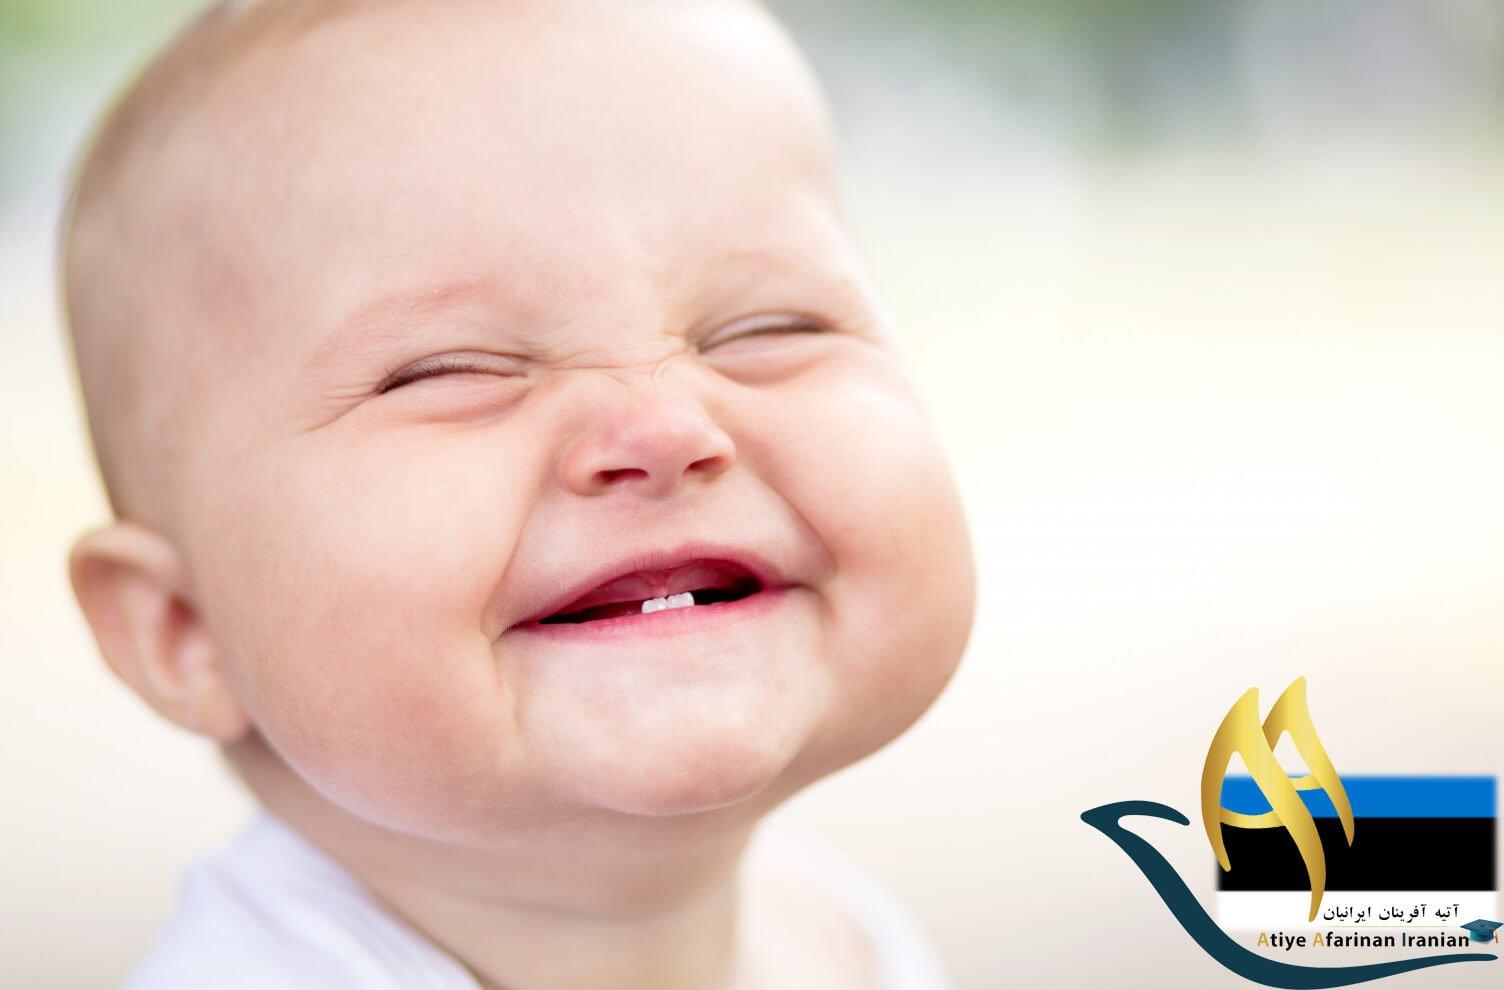 اقامت از طریق تولد فرزند در کشور استونی